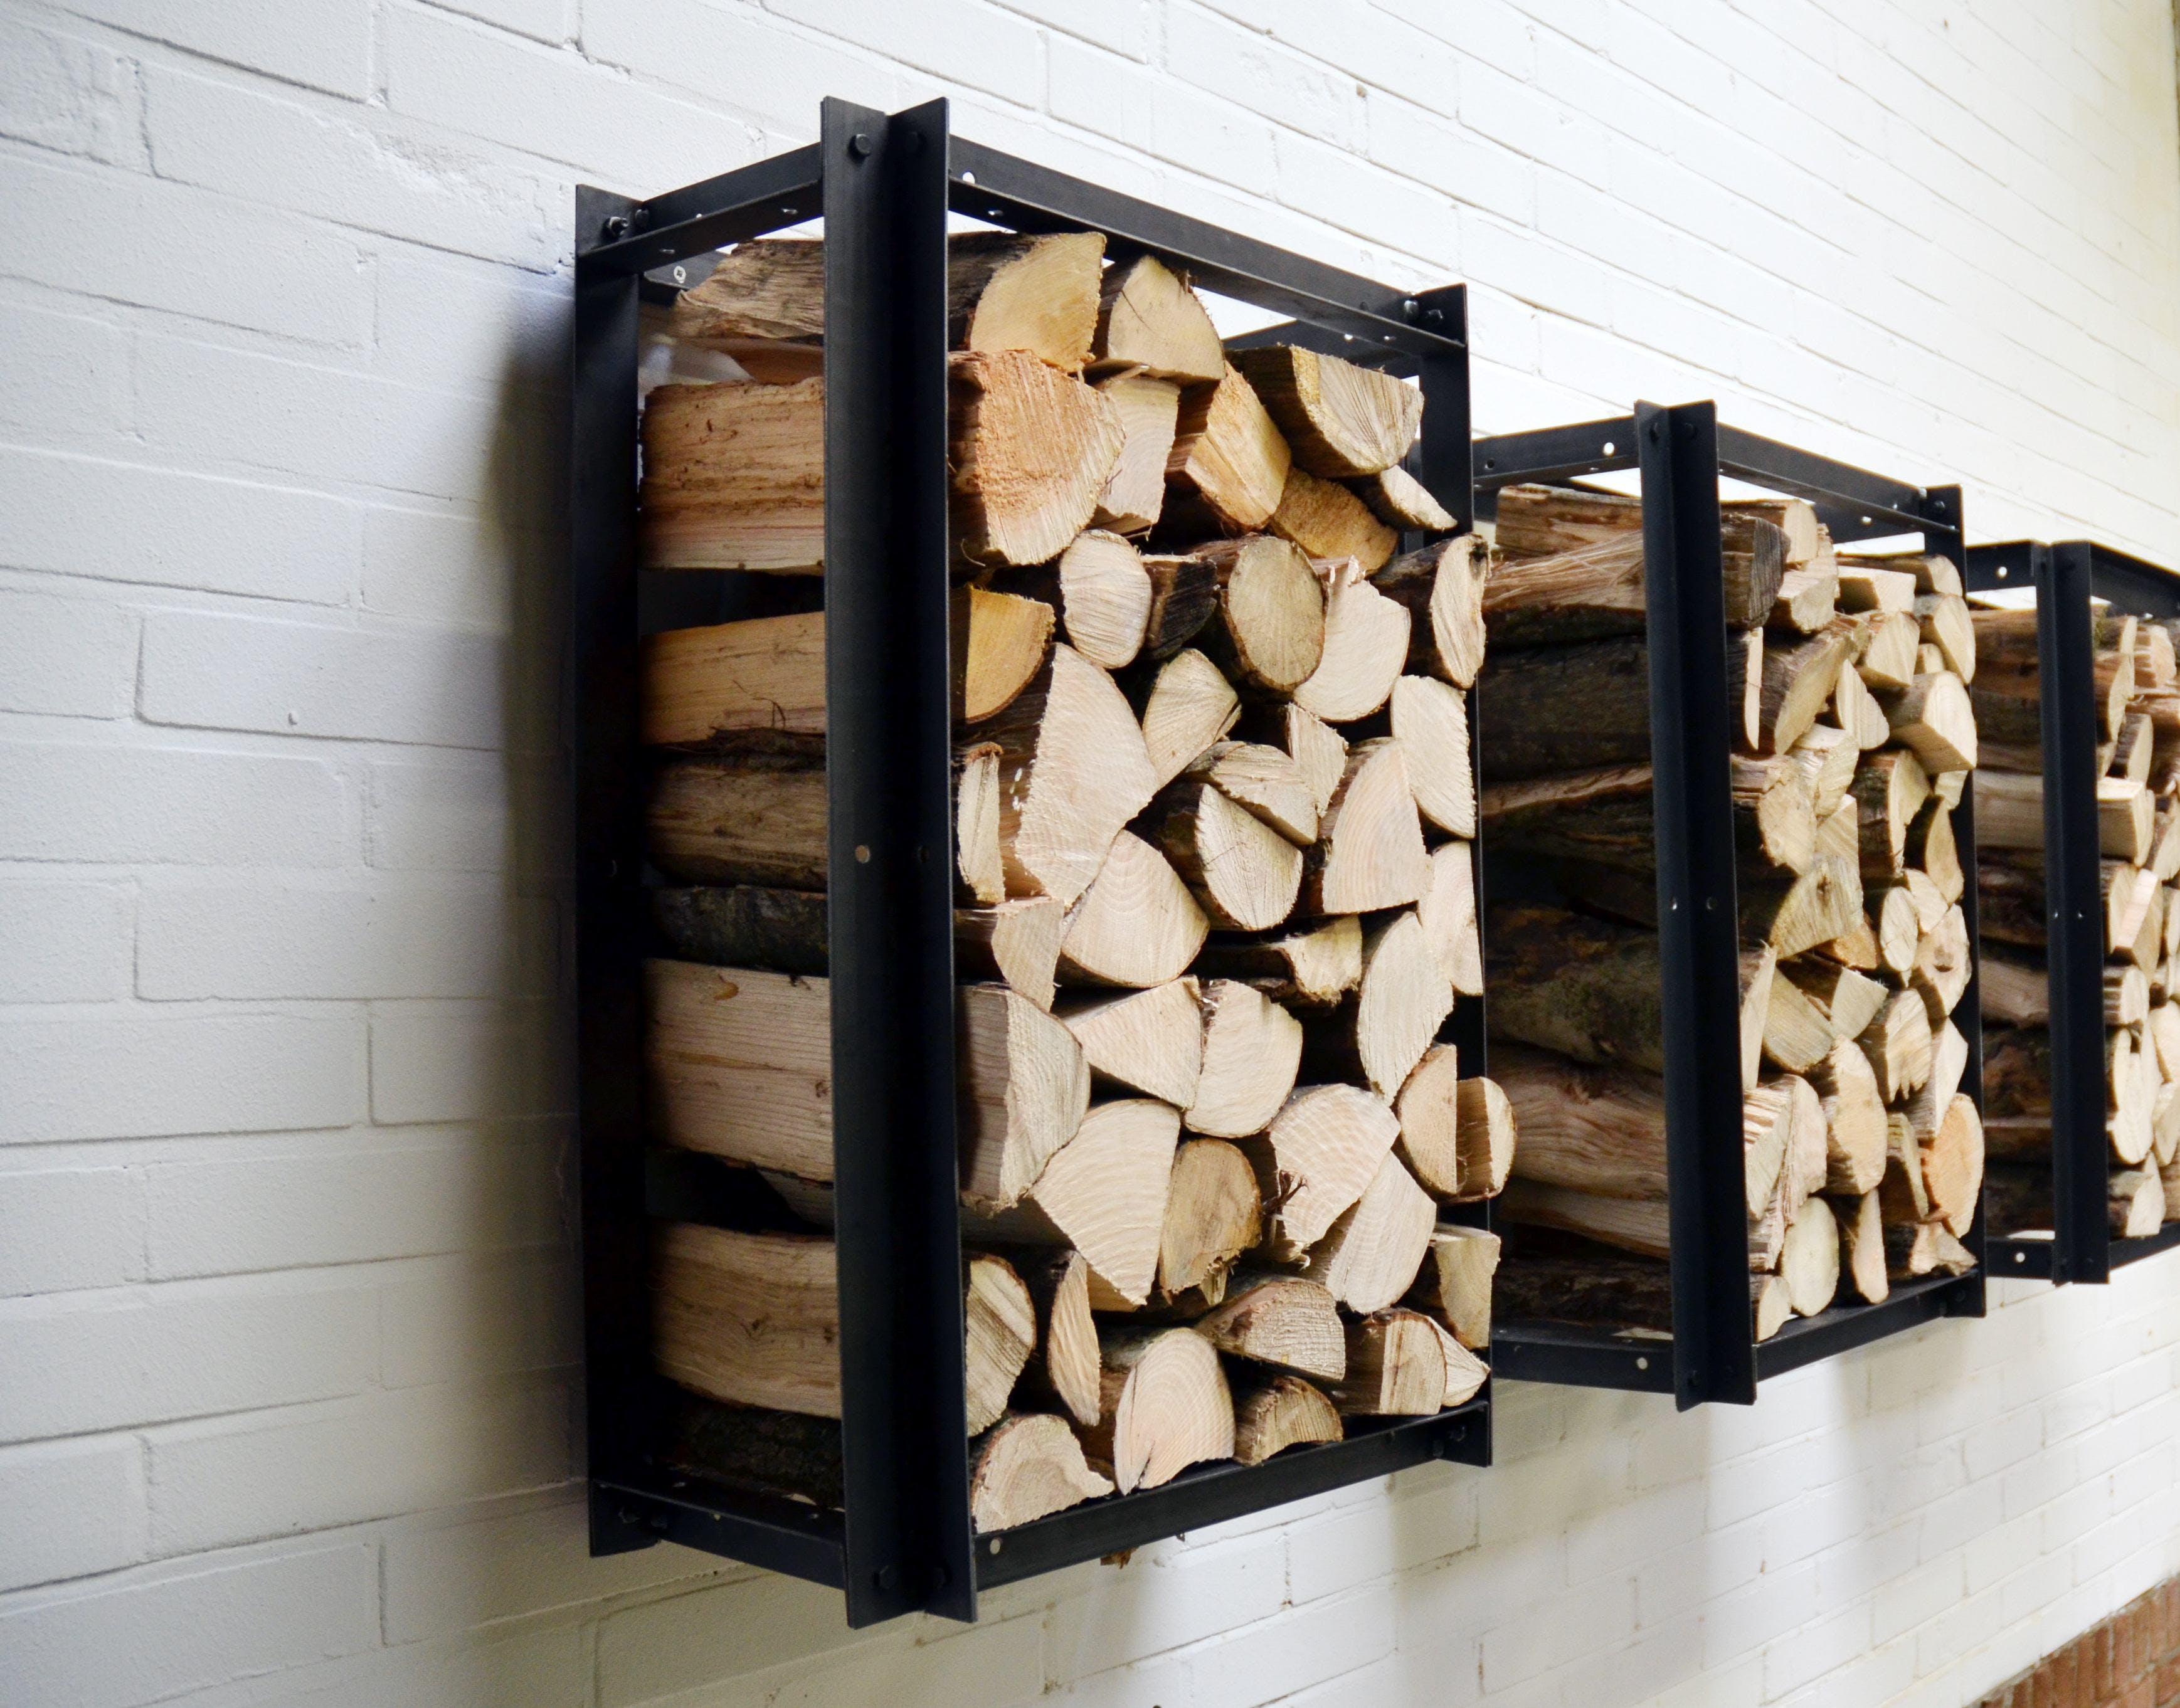 Hängen Sie diese Regale an der Wand, damit Ihr Brennholz trocknen kann